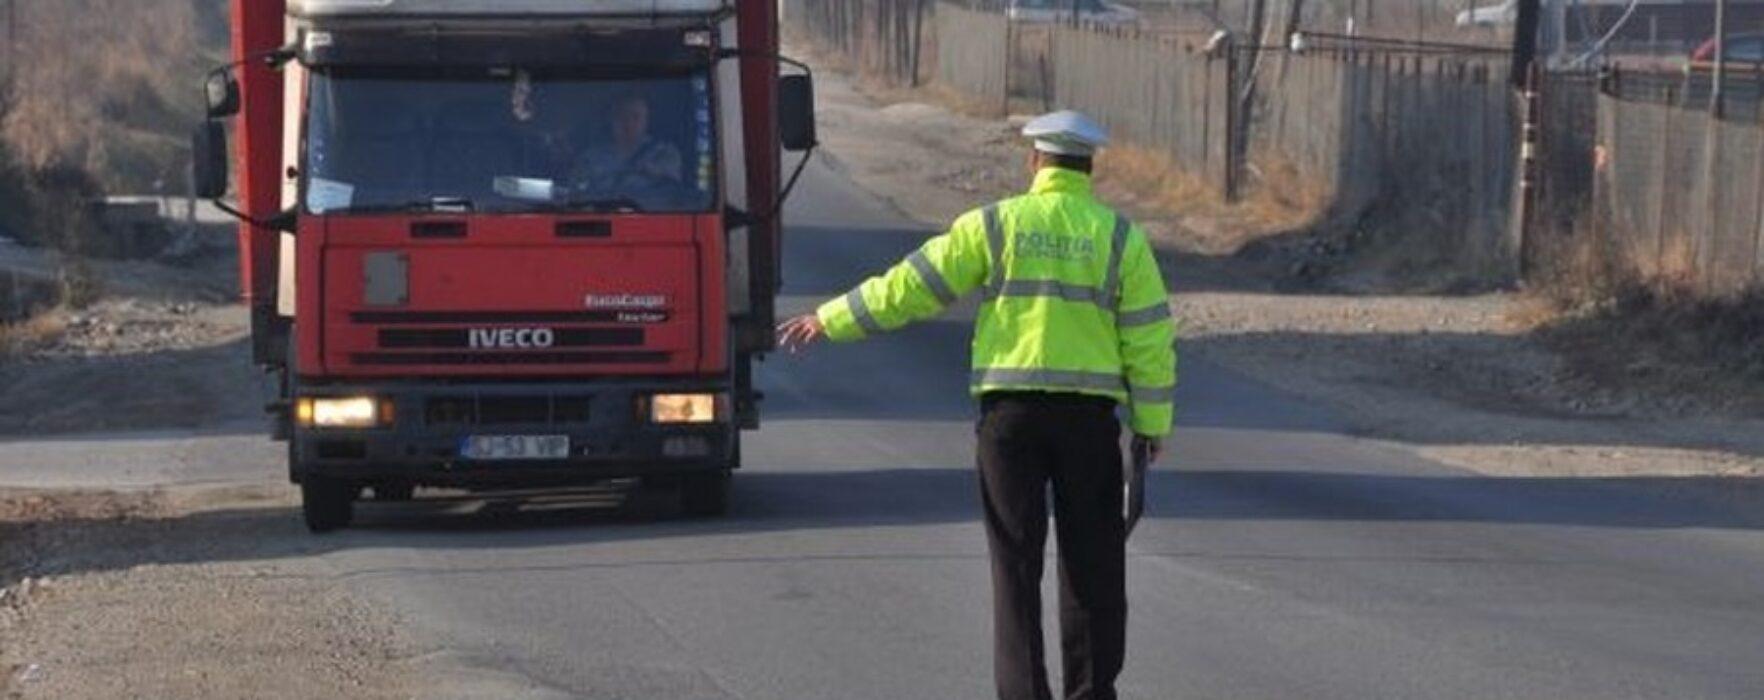 Jumătate dintre şoferii de microbuze şi camioane opriţi de poliţişti au fost amendaţi